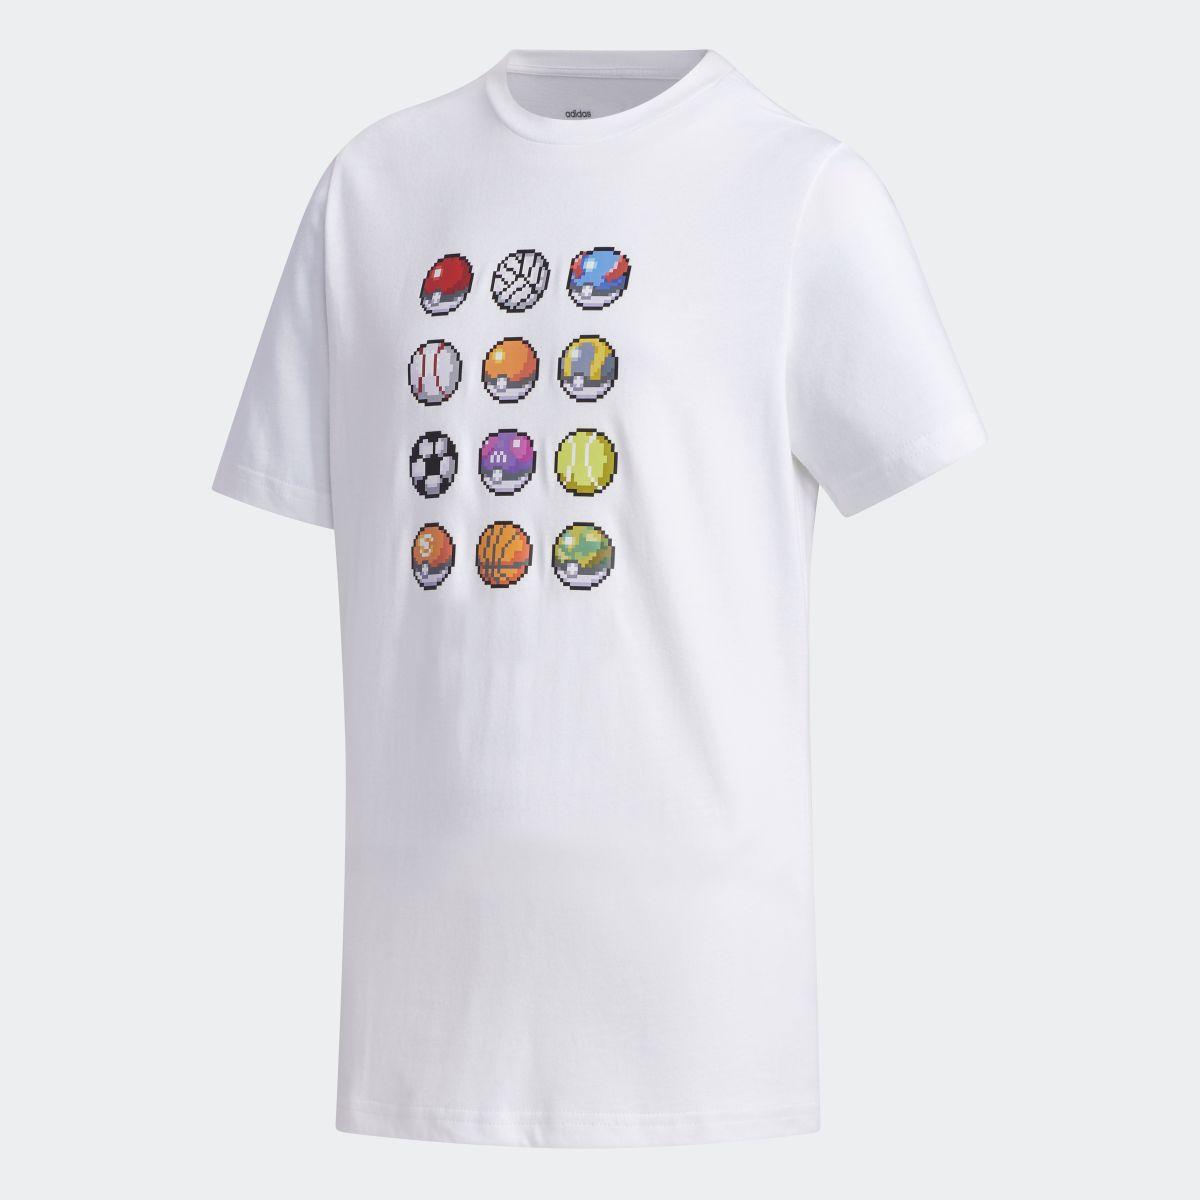 トップス, Tシャツ・カットソー  1015 17:001021 9:59 adidas T Pokemon Tee T FM0667 p1016